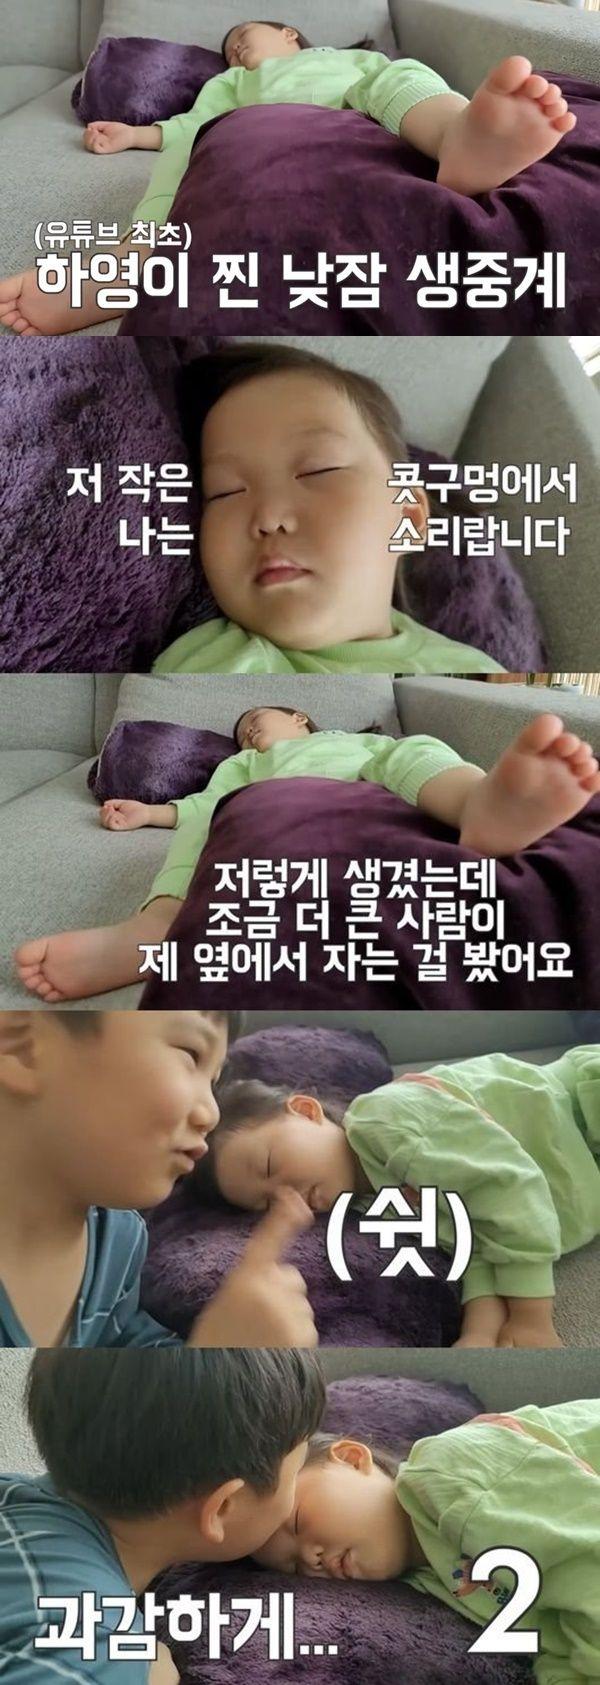 유튜브로 공개한, 도경완-장윤정 가족 일상. 하영이가 낮잠 자는 장면 아래로 '저렇게 생겼는데 조금 더 큰 사람이 제 옆에서 자는 걸 봤어요'라는 자막이 나와 눈길을